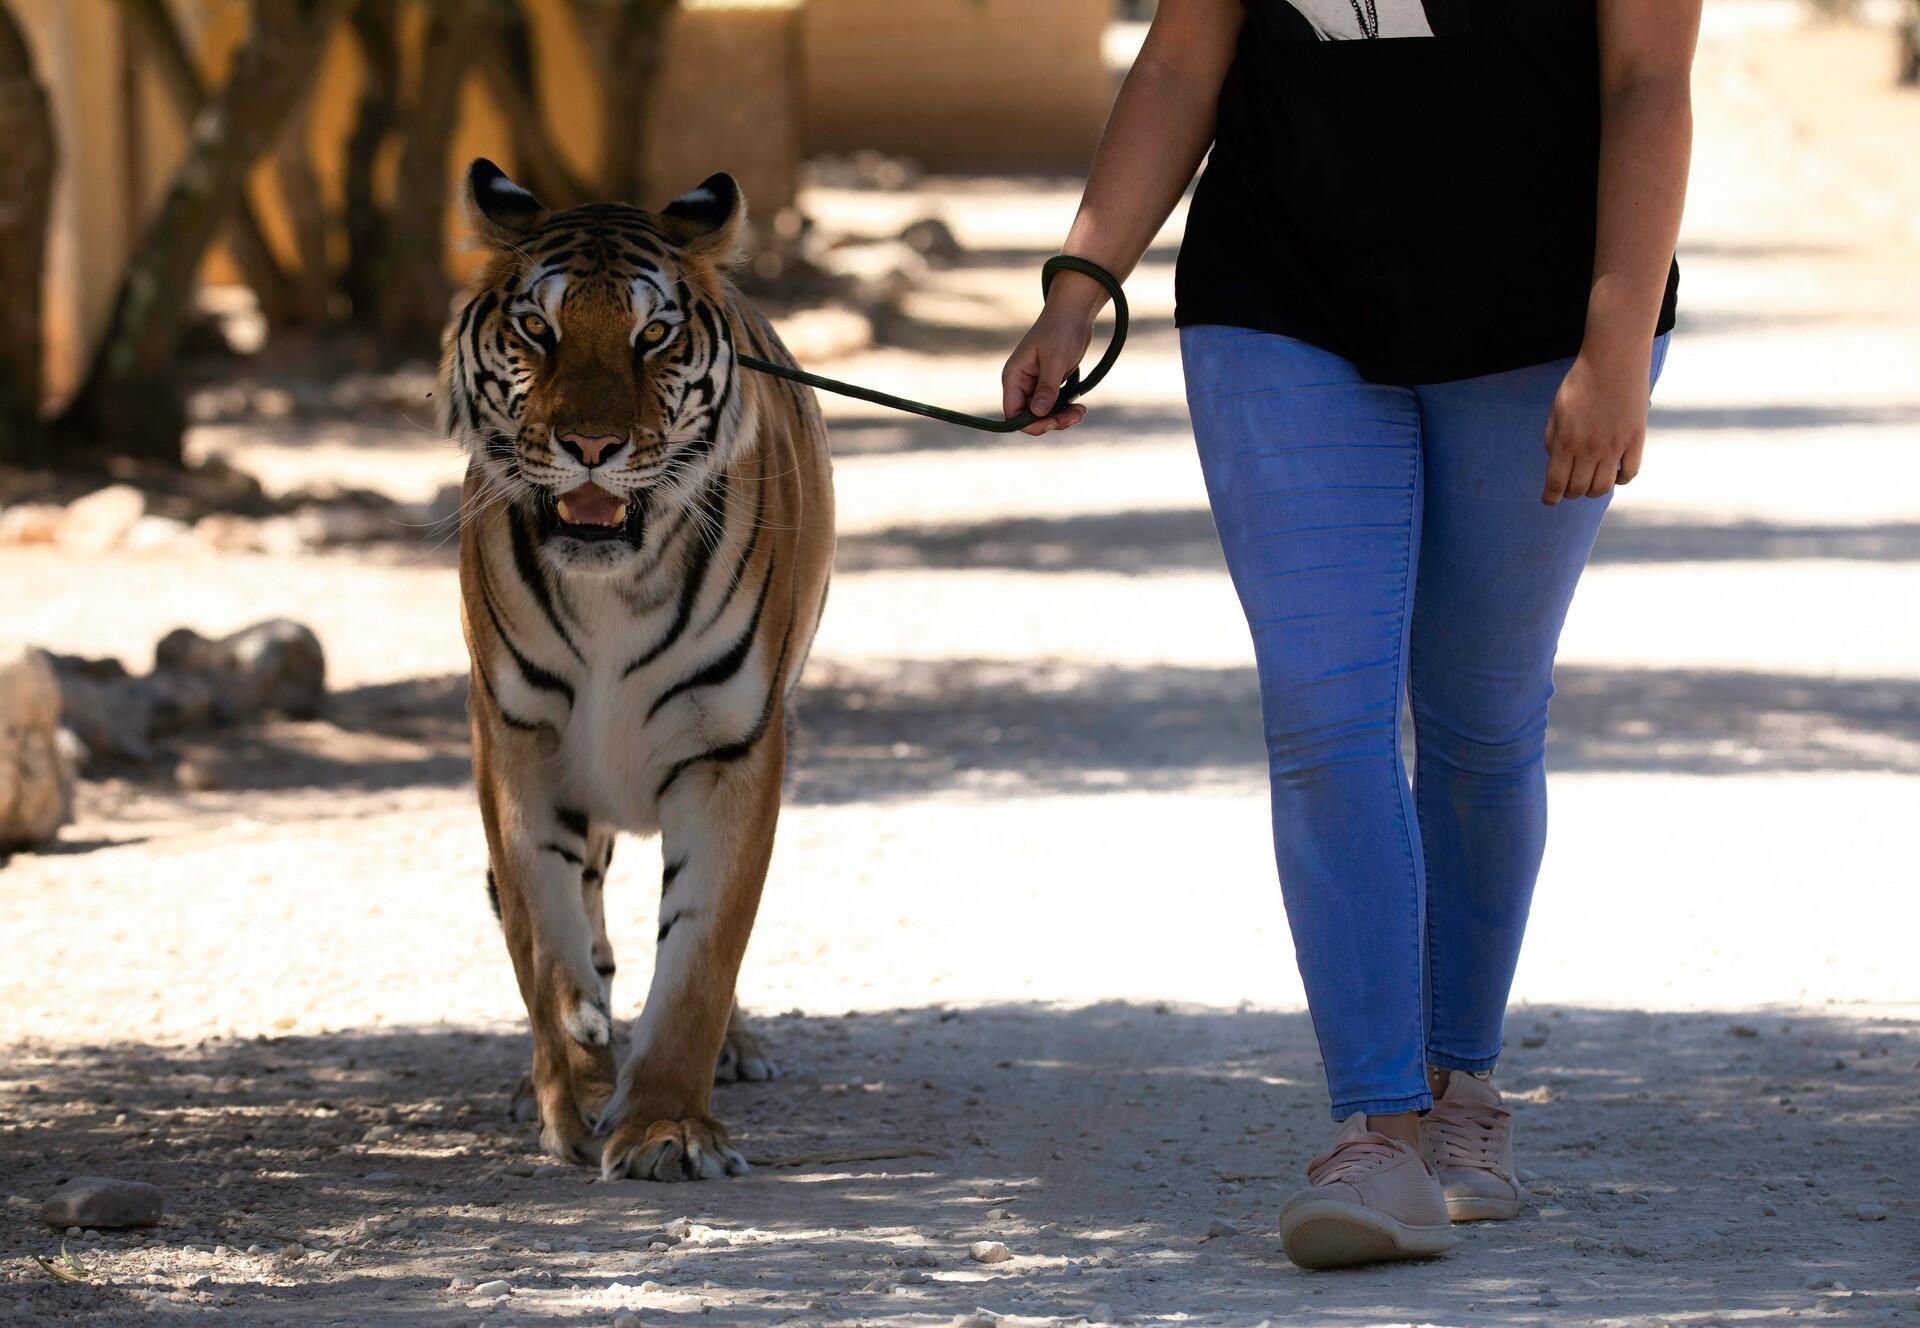 Tiger an der Leine